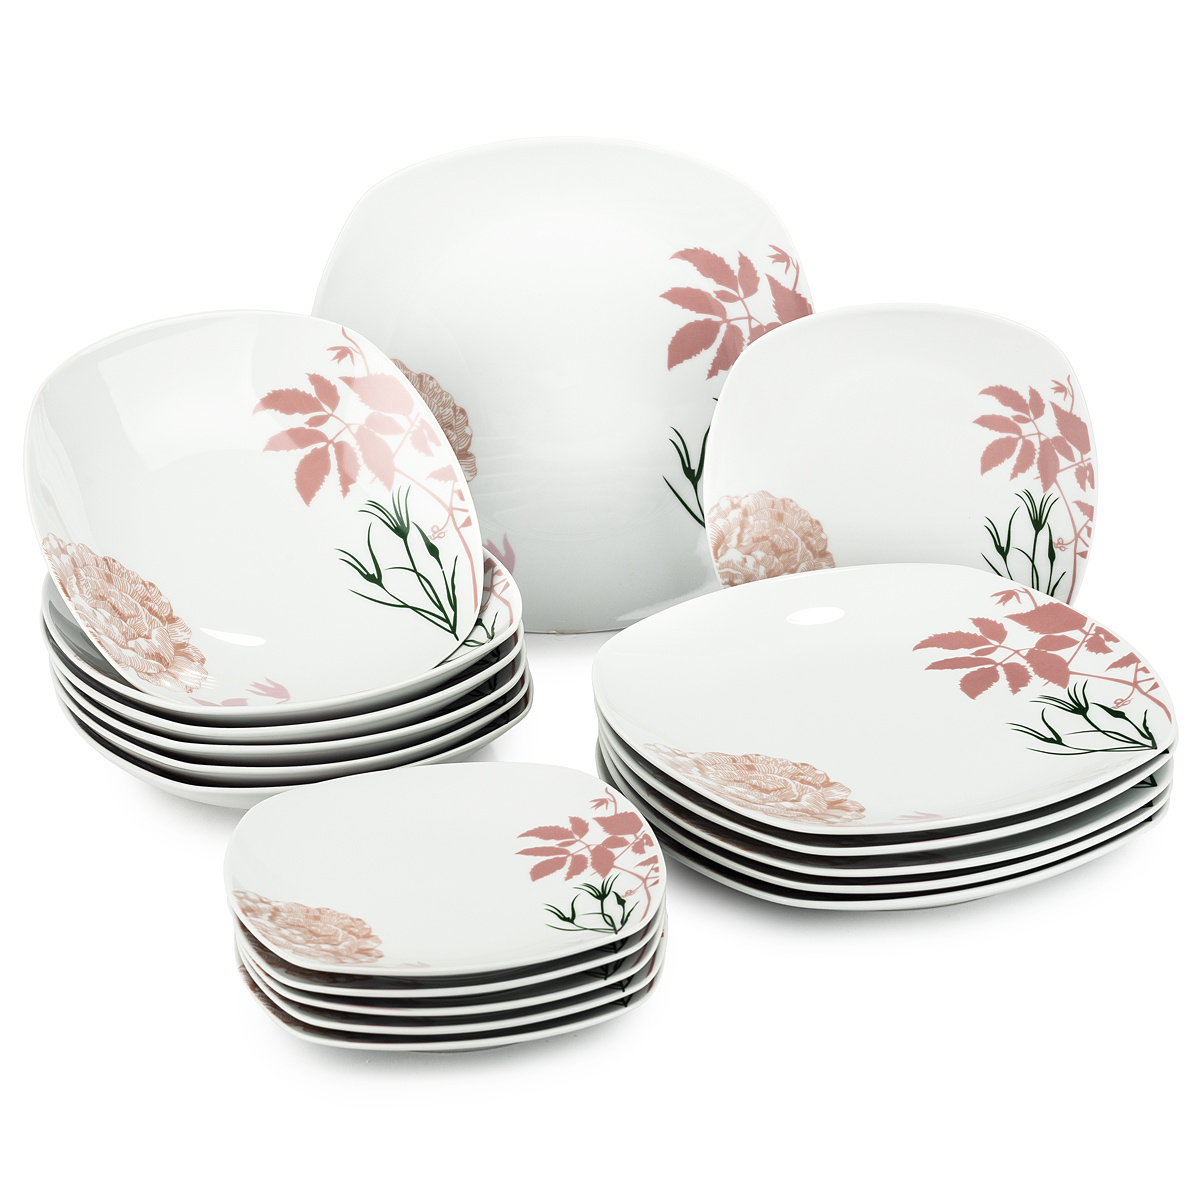 Altom sada porcelánových tanierov Grace, 18 ks